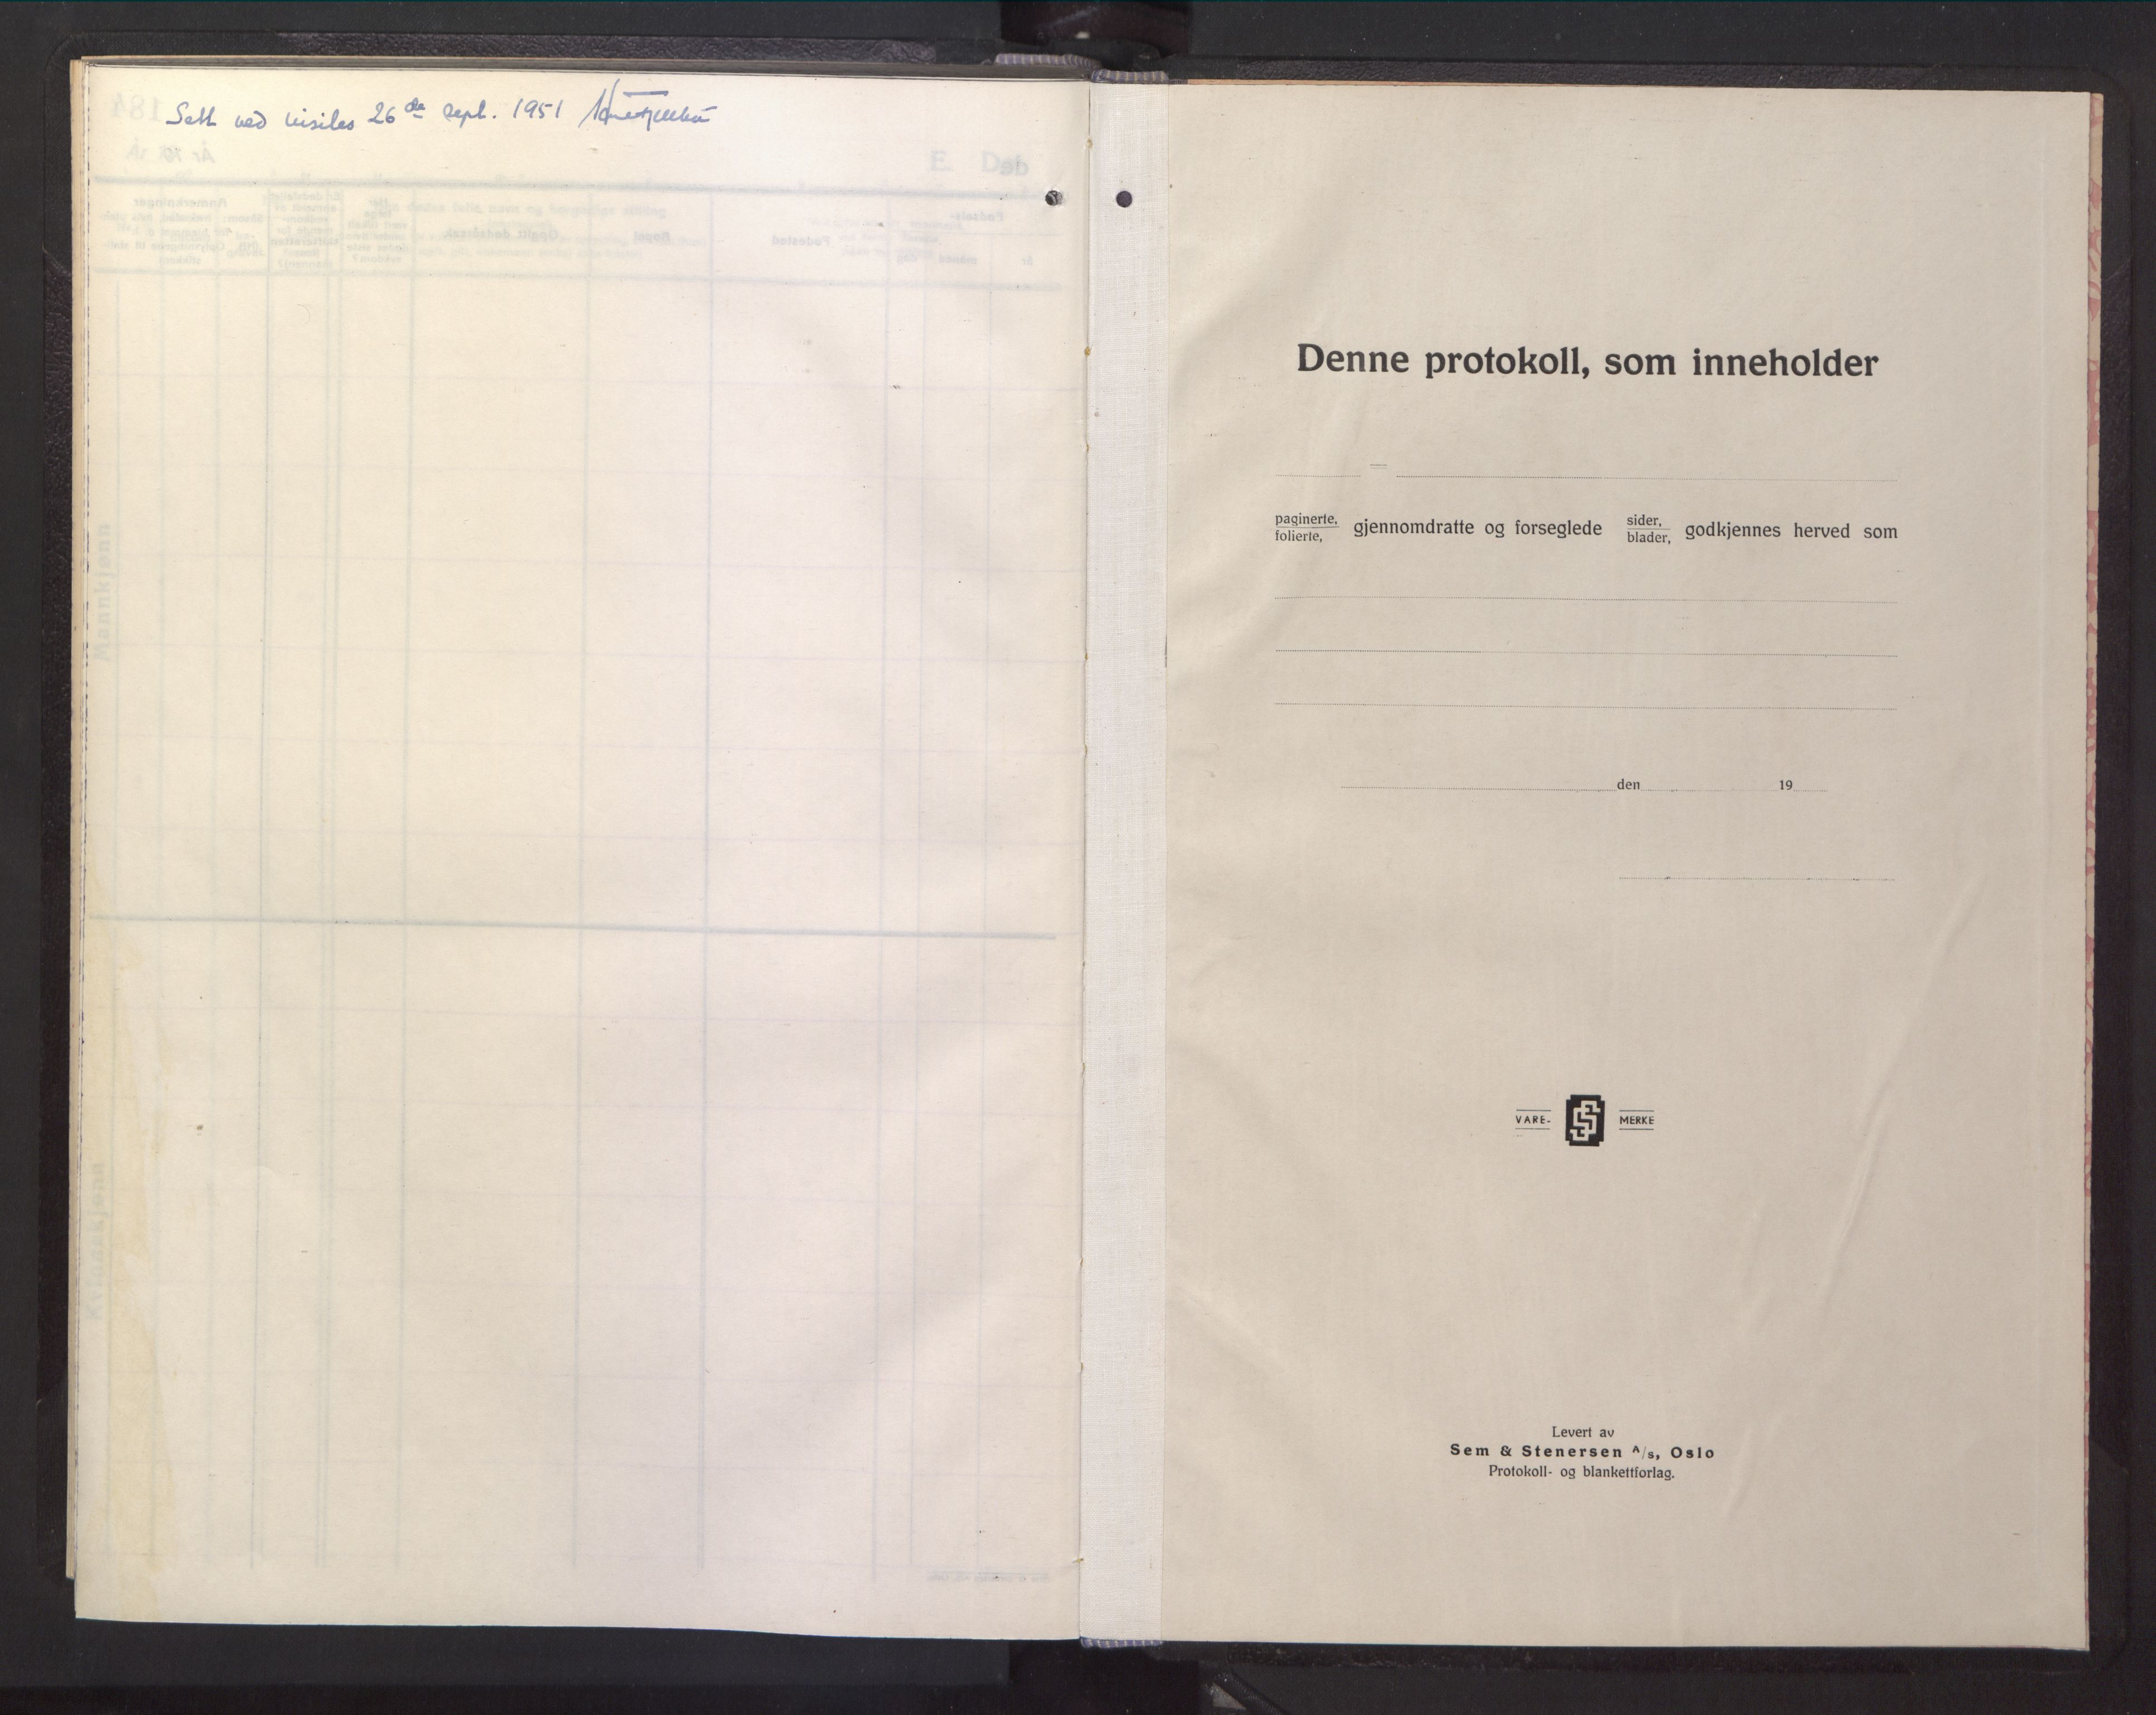 SAT, Ministerialprotokoller, klokkerbøker og fødselsregistre - Sør-Trøndelag, 669/L0833: Klokkerbok nr. 669C03, 1945-1950